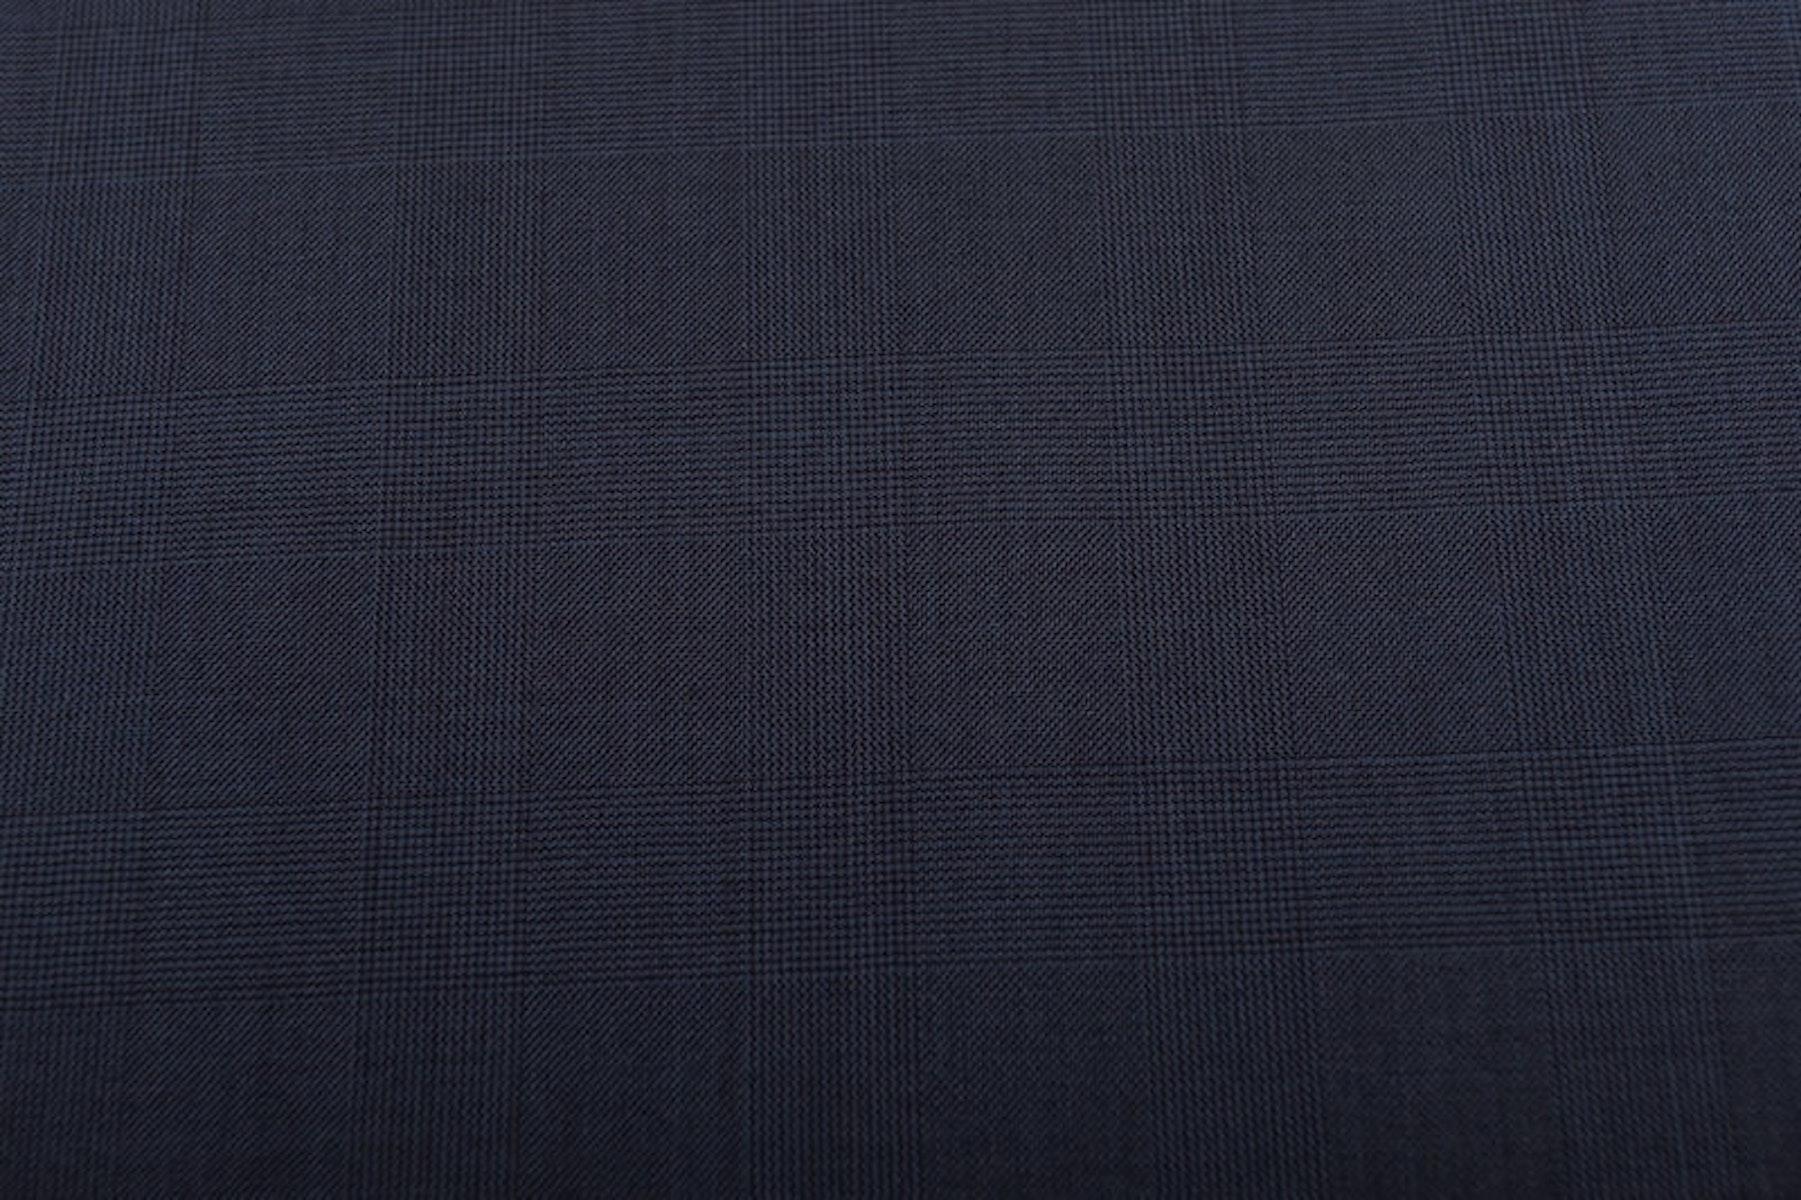 InStitchu Premium Fabric